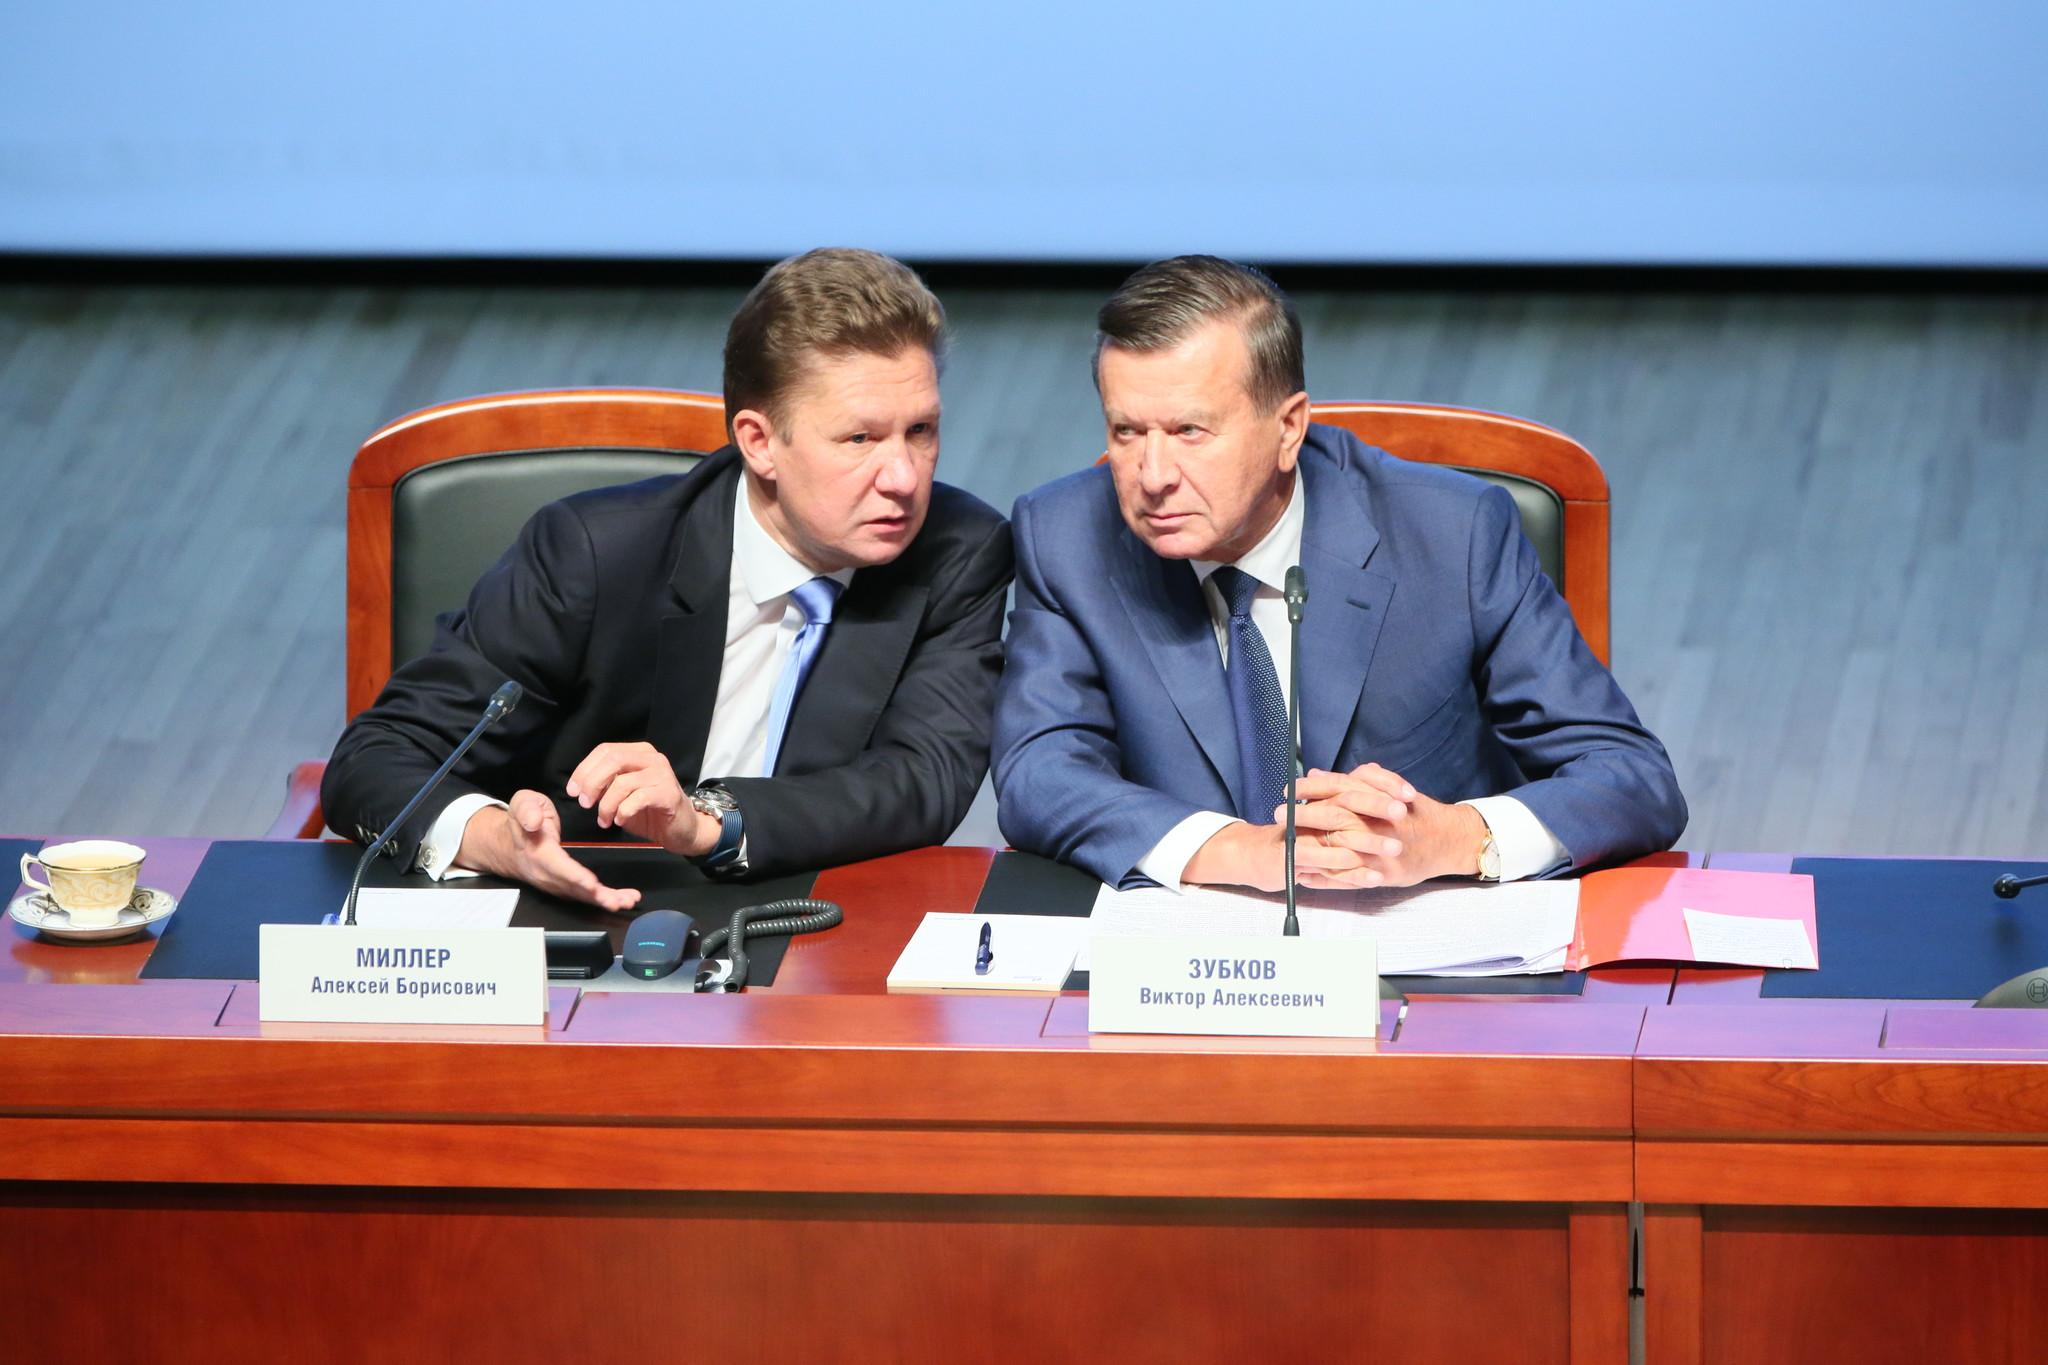 Члены совета директоров газпрома 23 фотография